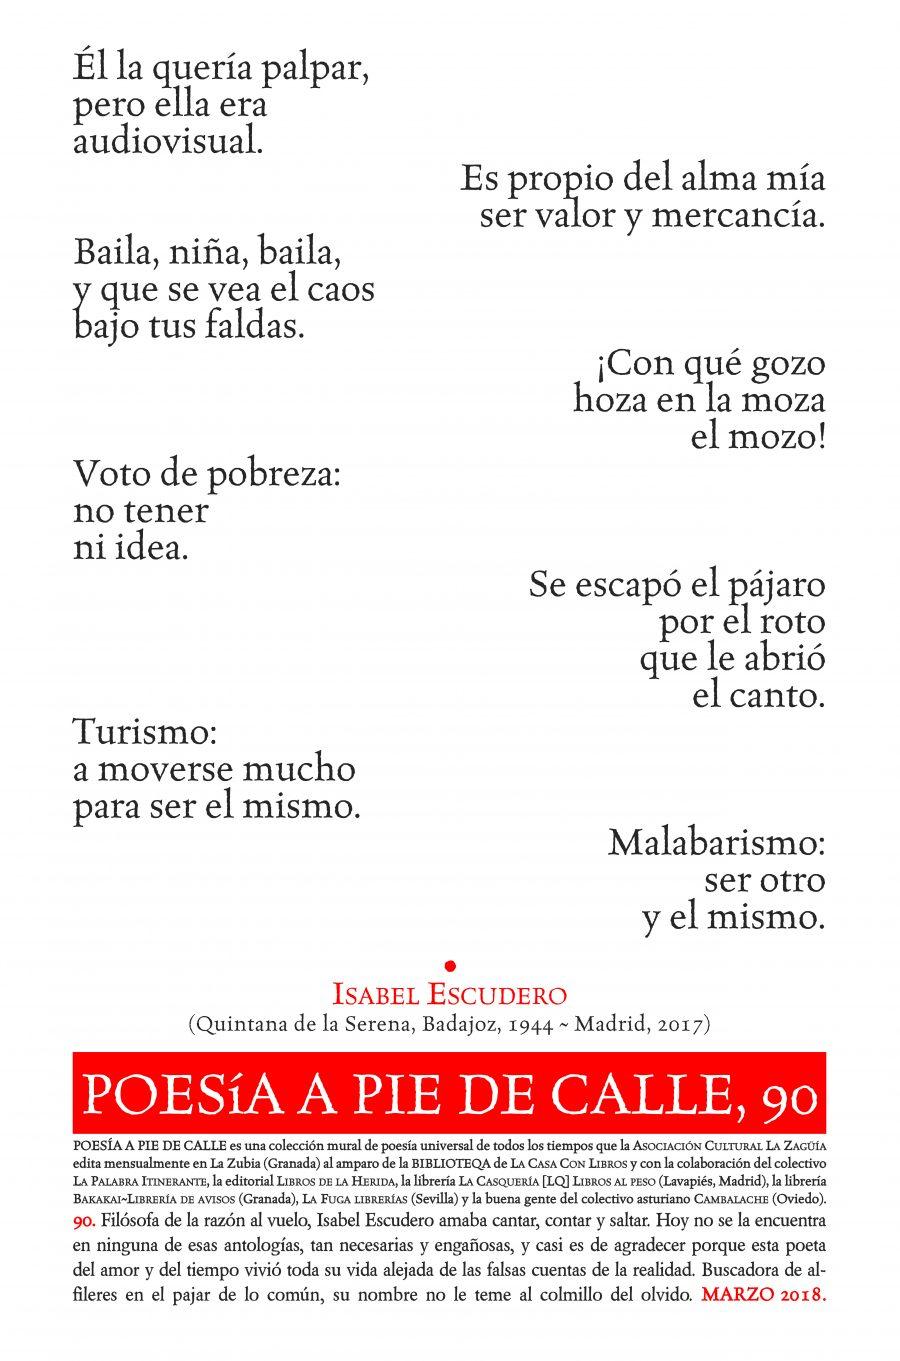 POESÍA A PIE DE CALLE, 90: Coplas libertarias, de Isabel Escudero